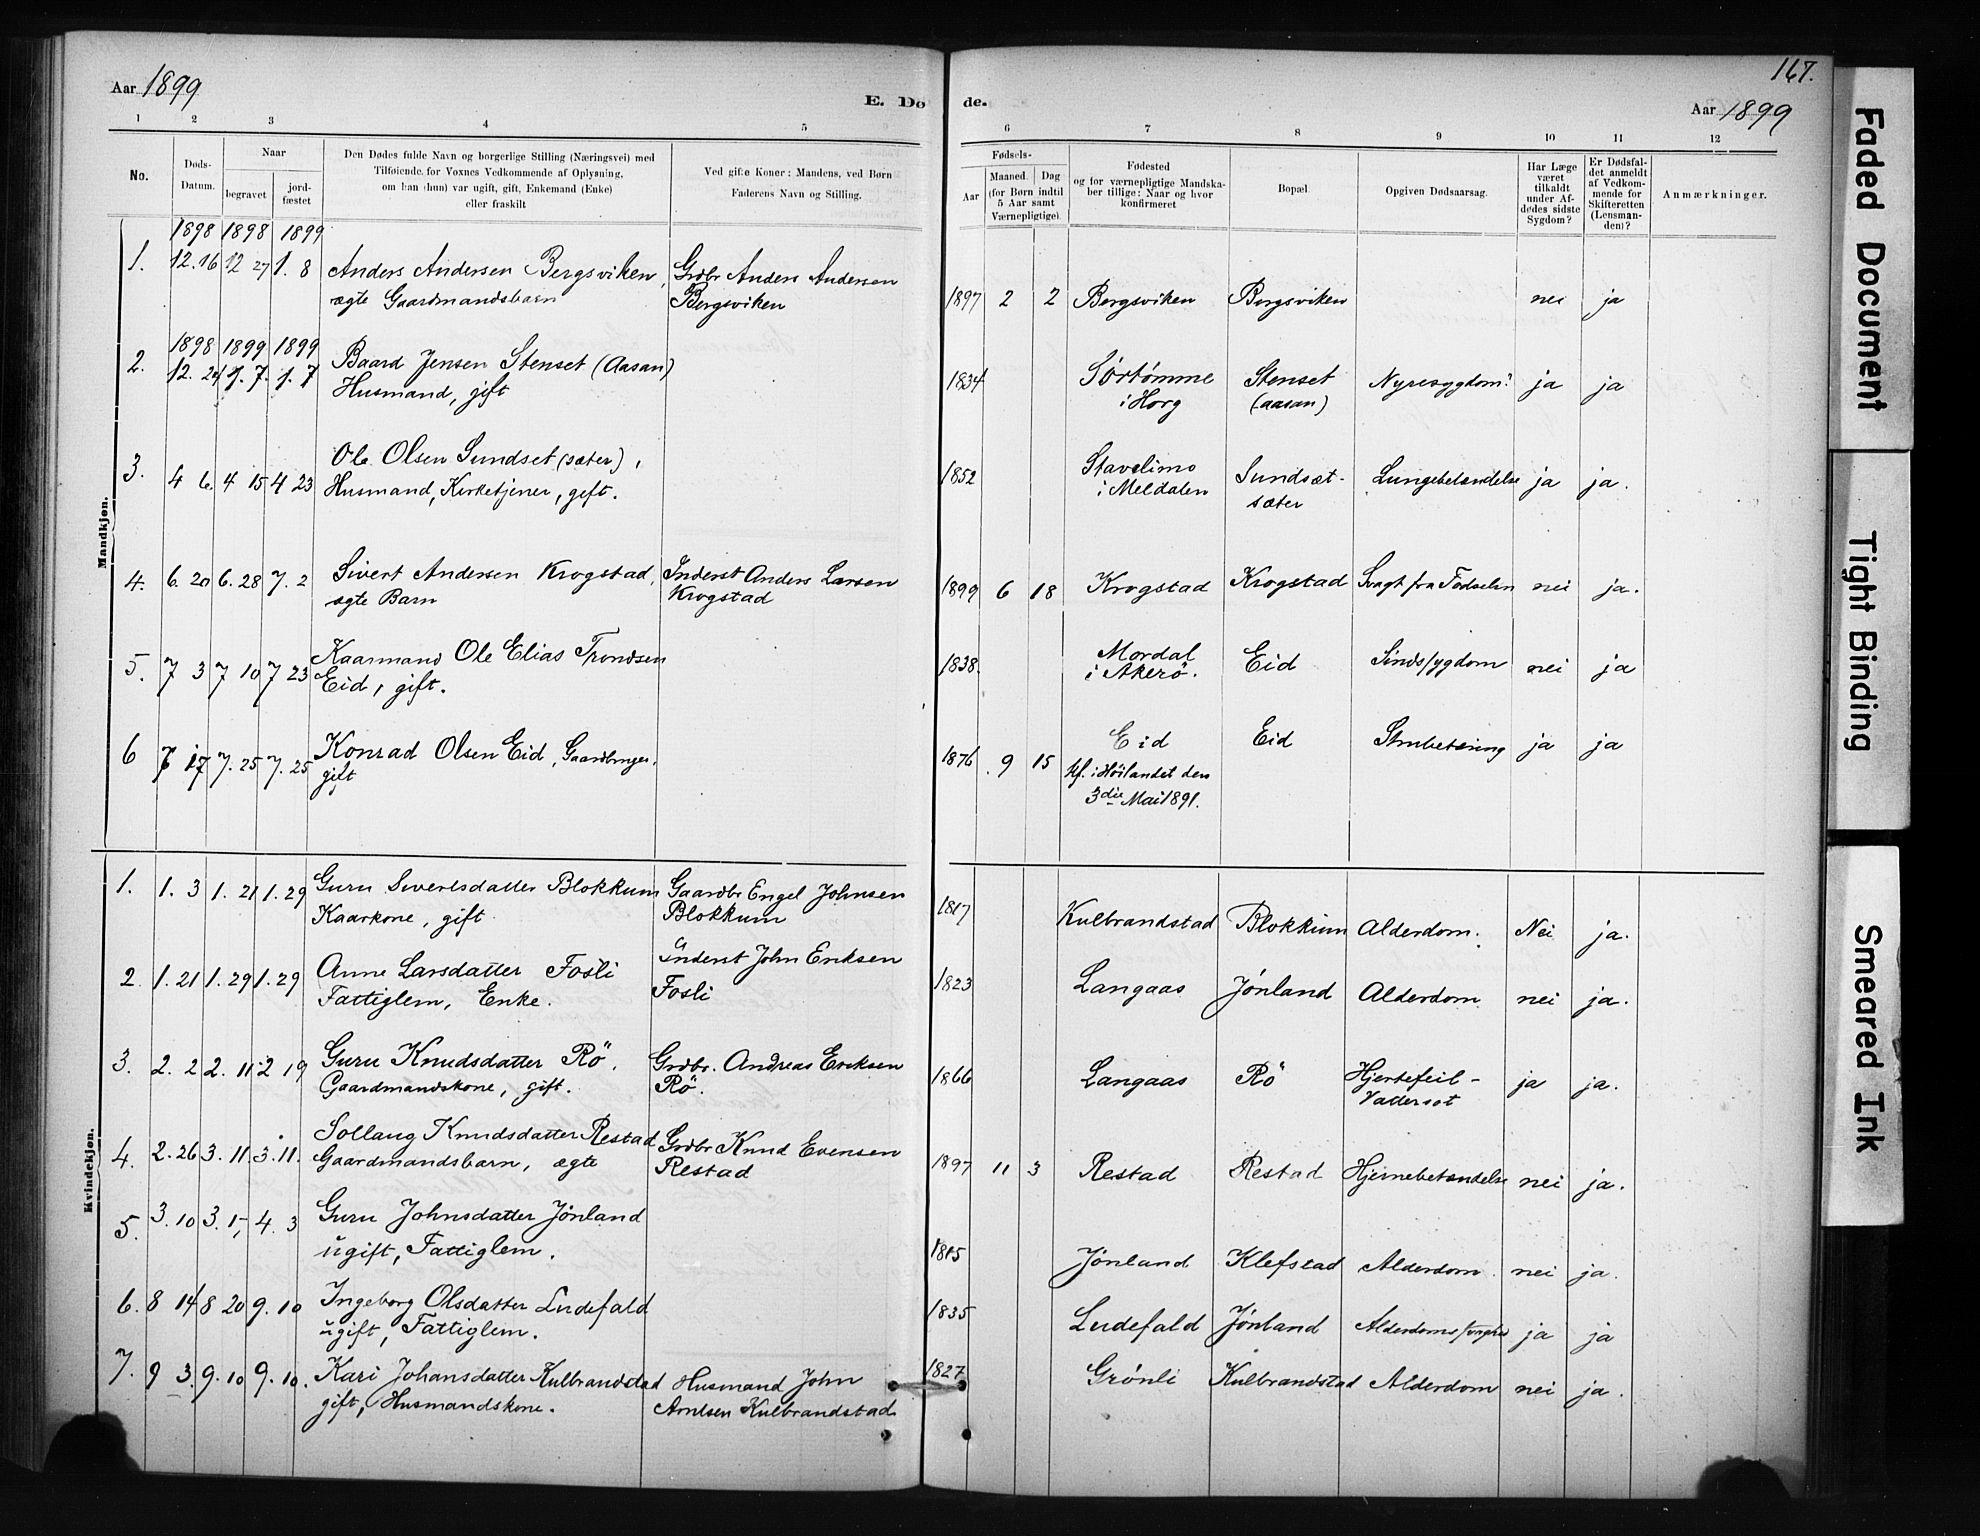 SAT, Ministerialprotokoller, klokkerbøker og fødselsregistre - Sør-Trøndelag, 694/L1127: Ministerialbok nr. 694A01, 1887-1905, s. 167